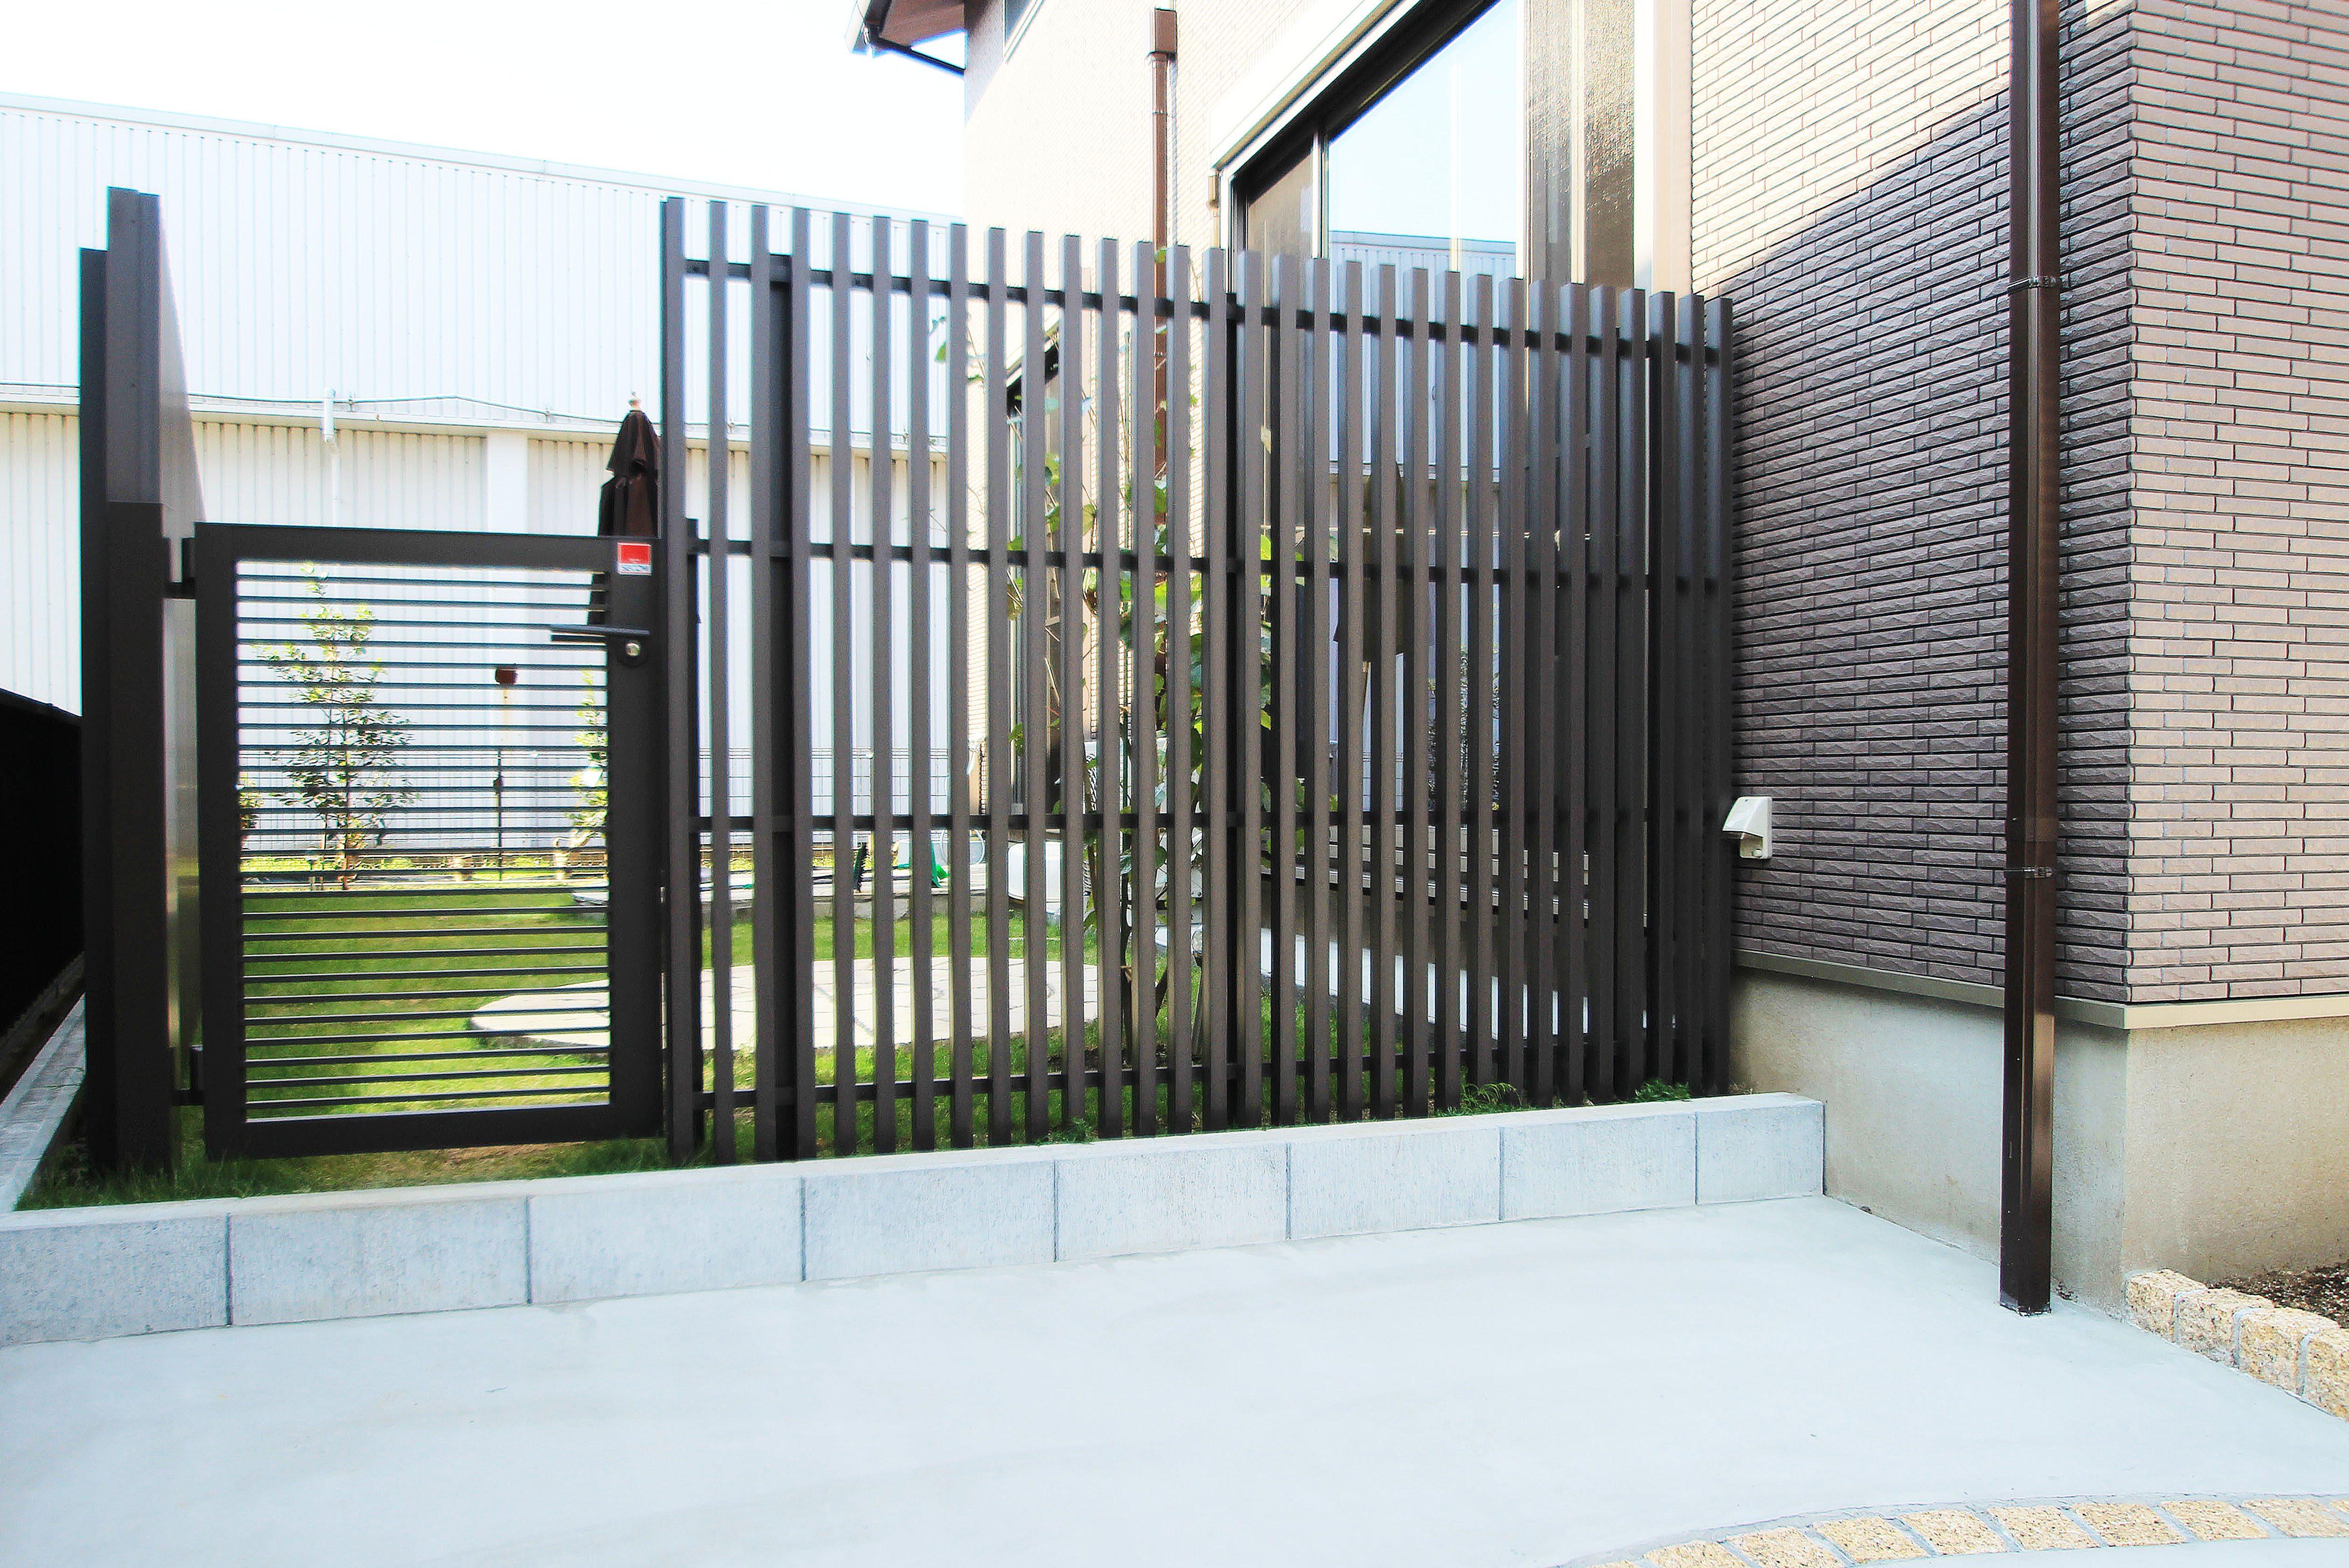 塗り壁と石貼りの高級観あるクローズ外構 <br>佐倉市U様邸8